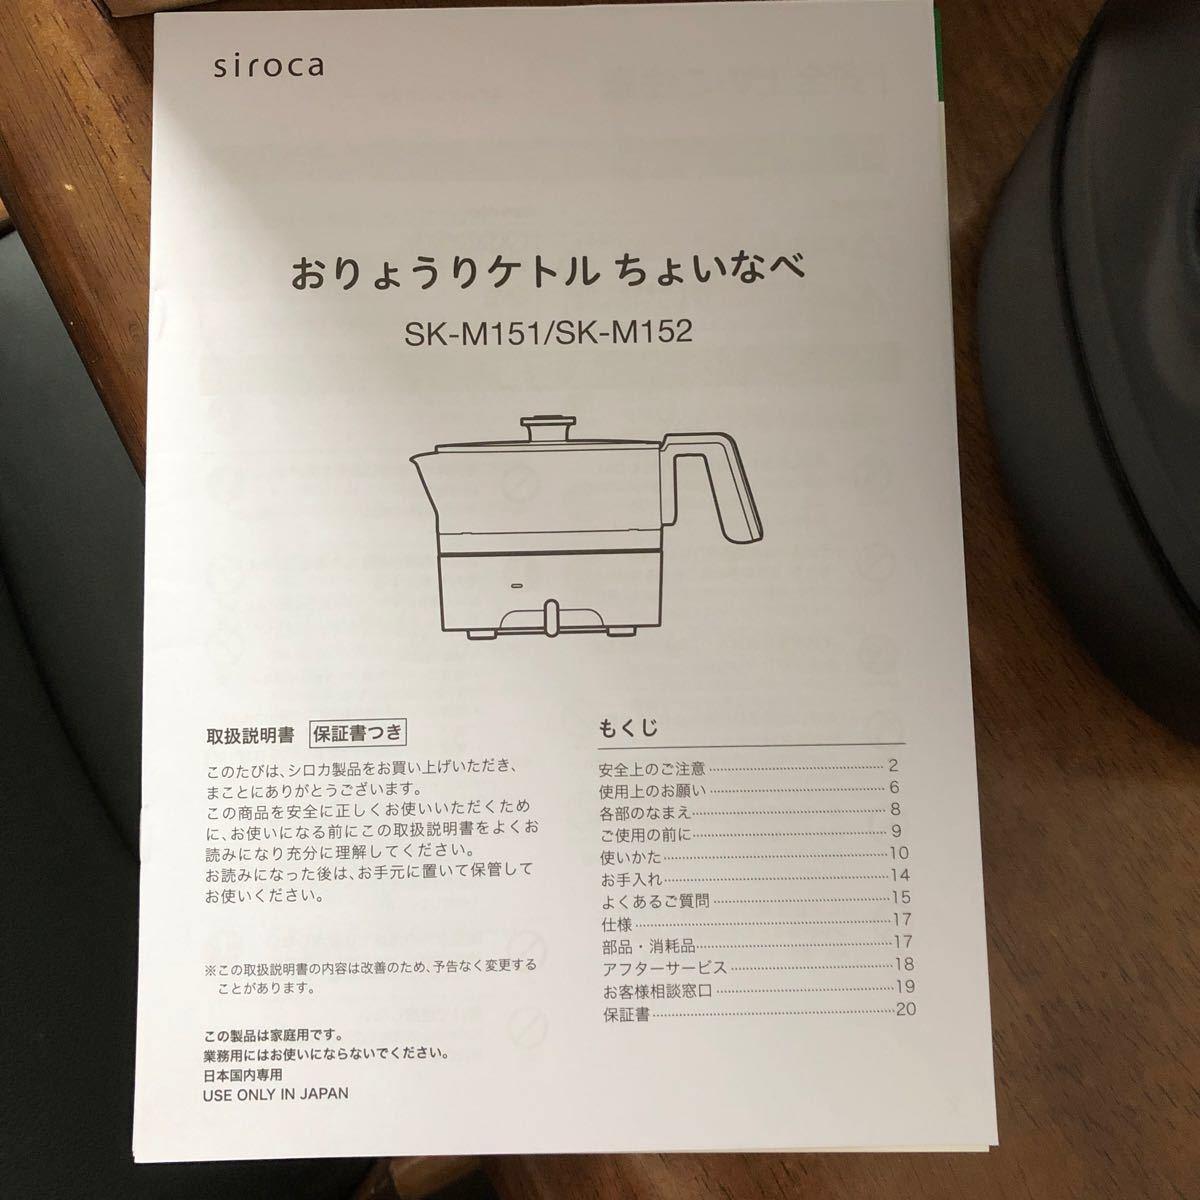 シロカ 電気鍋 SK-M151 値下げしました